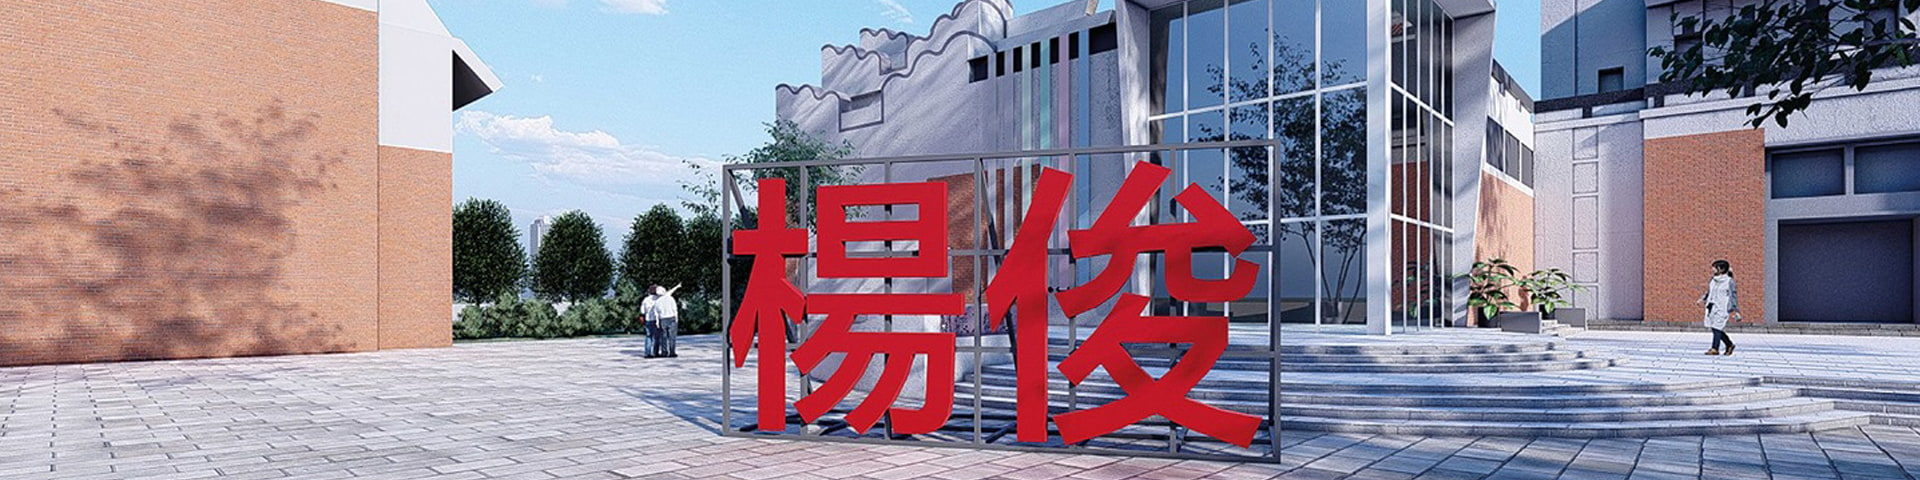 2020 關渡雙年展 楊俊 藝術家,合作者,他們的展覽與三個場域 展覽介紹